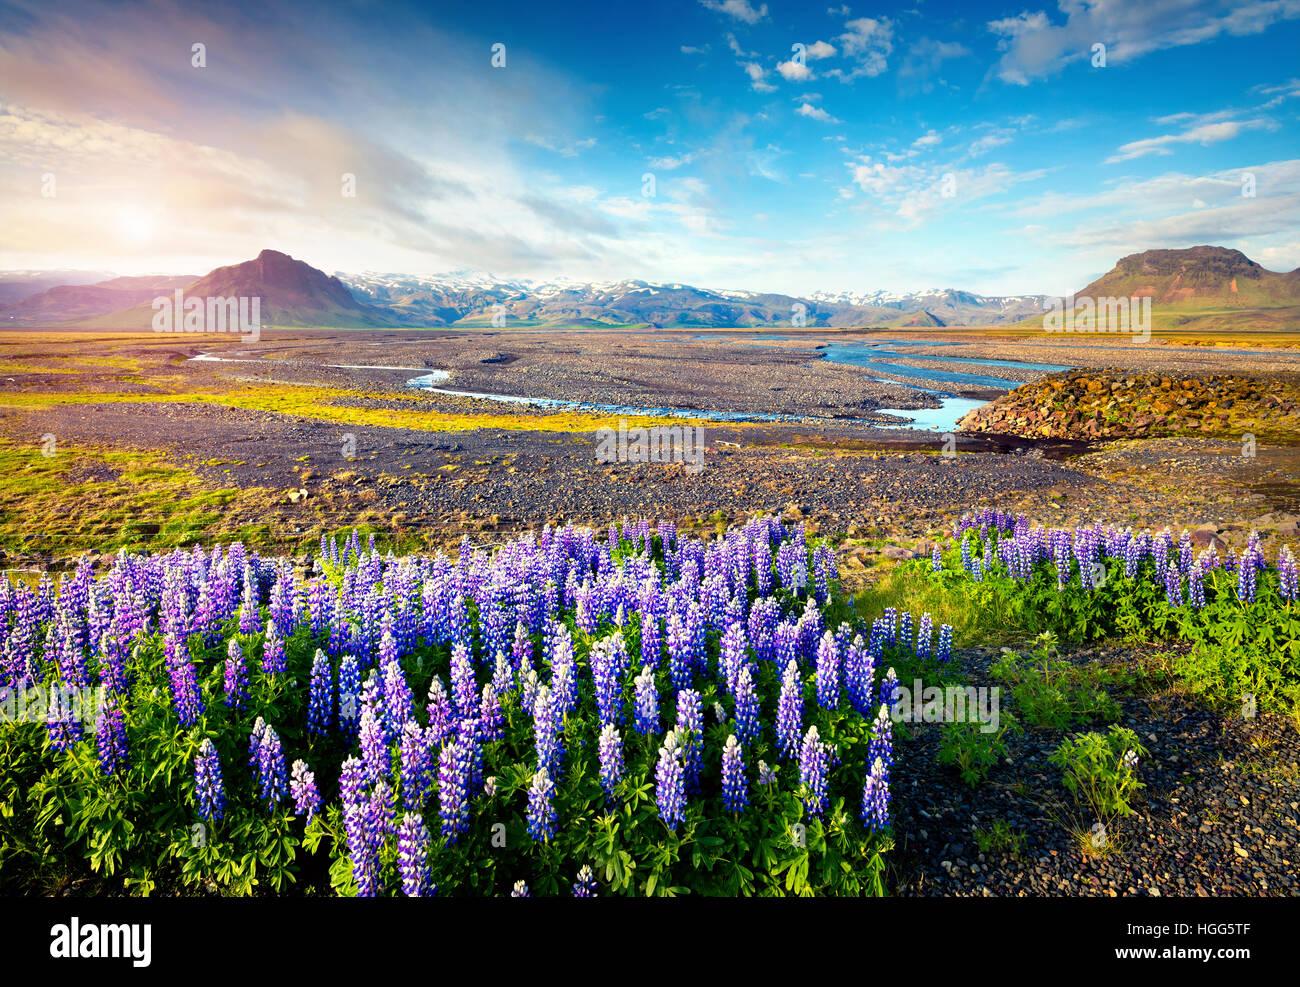 Típico paisaje islandés con campo de blooming lupino flores en junio.soleada mañana de verano en Imagen De Stock